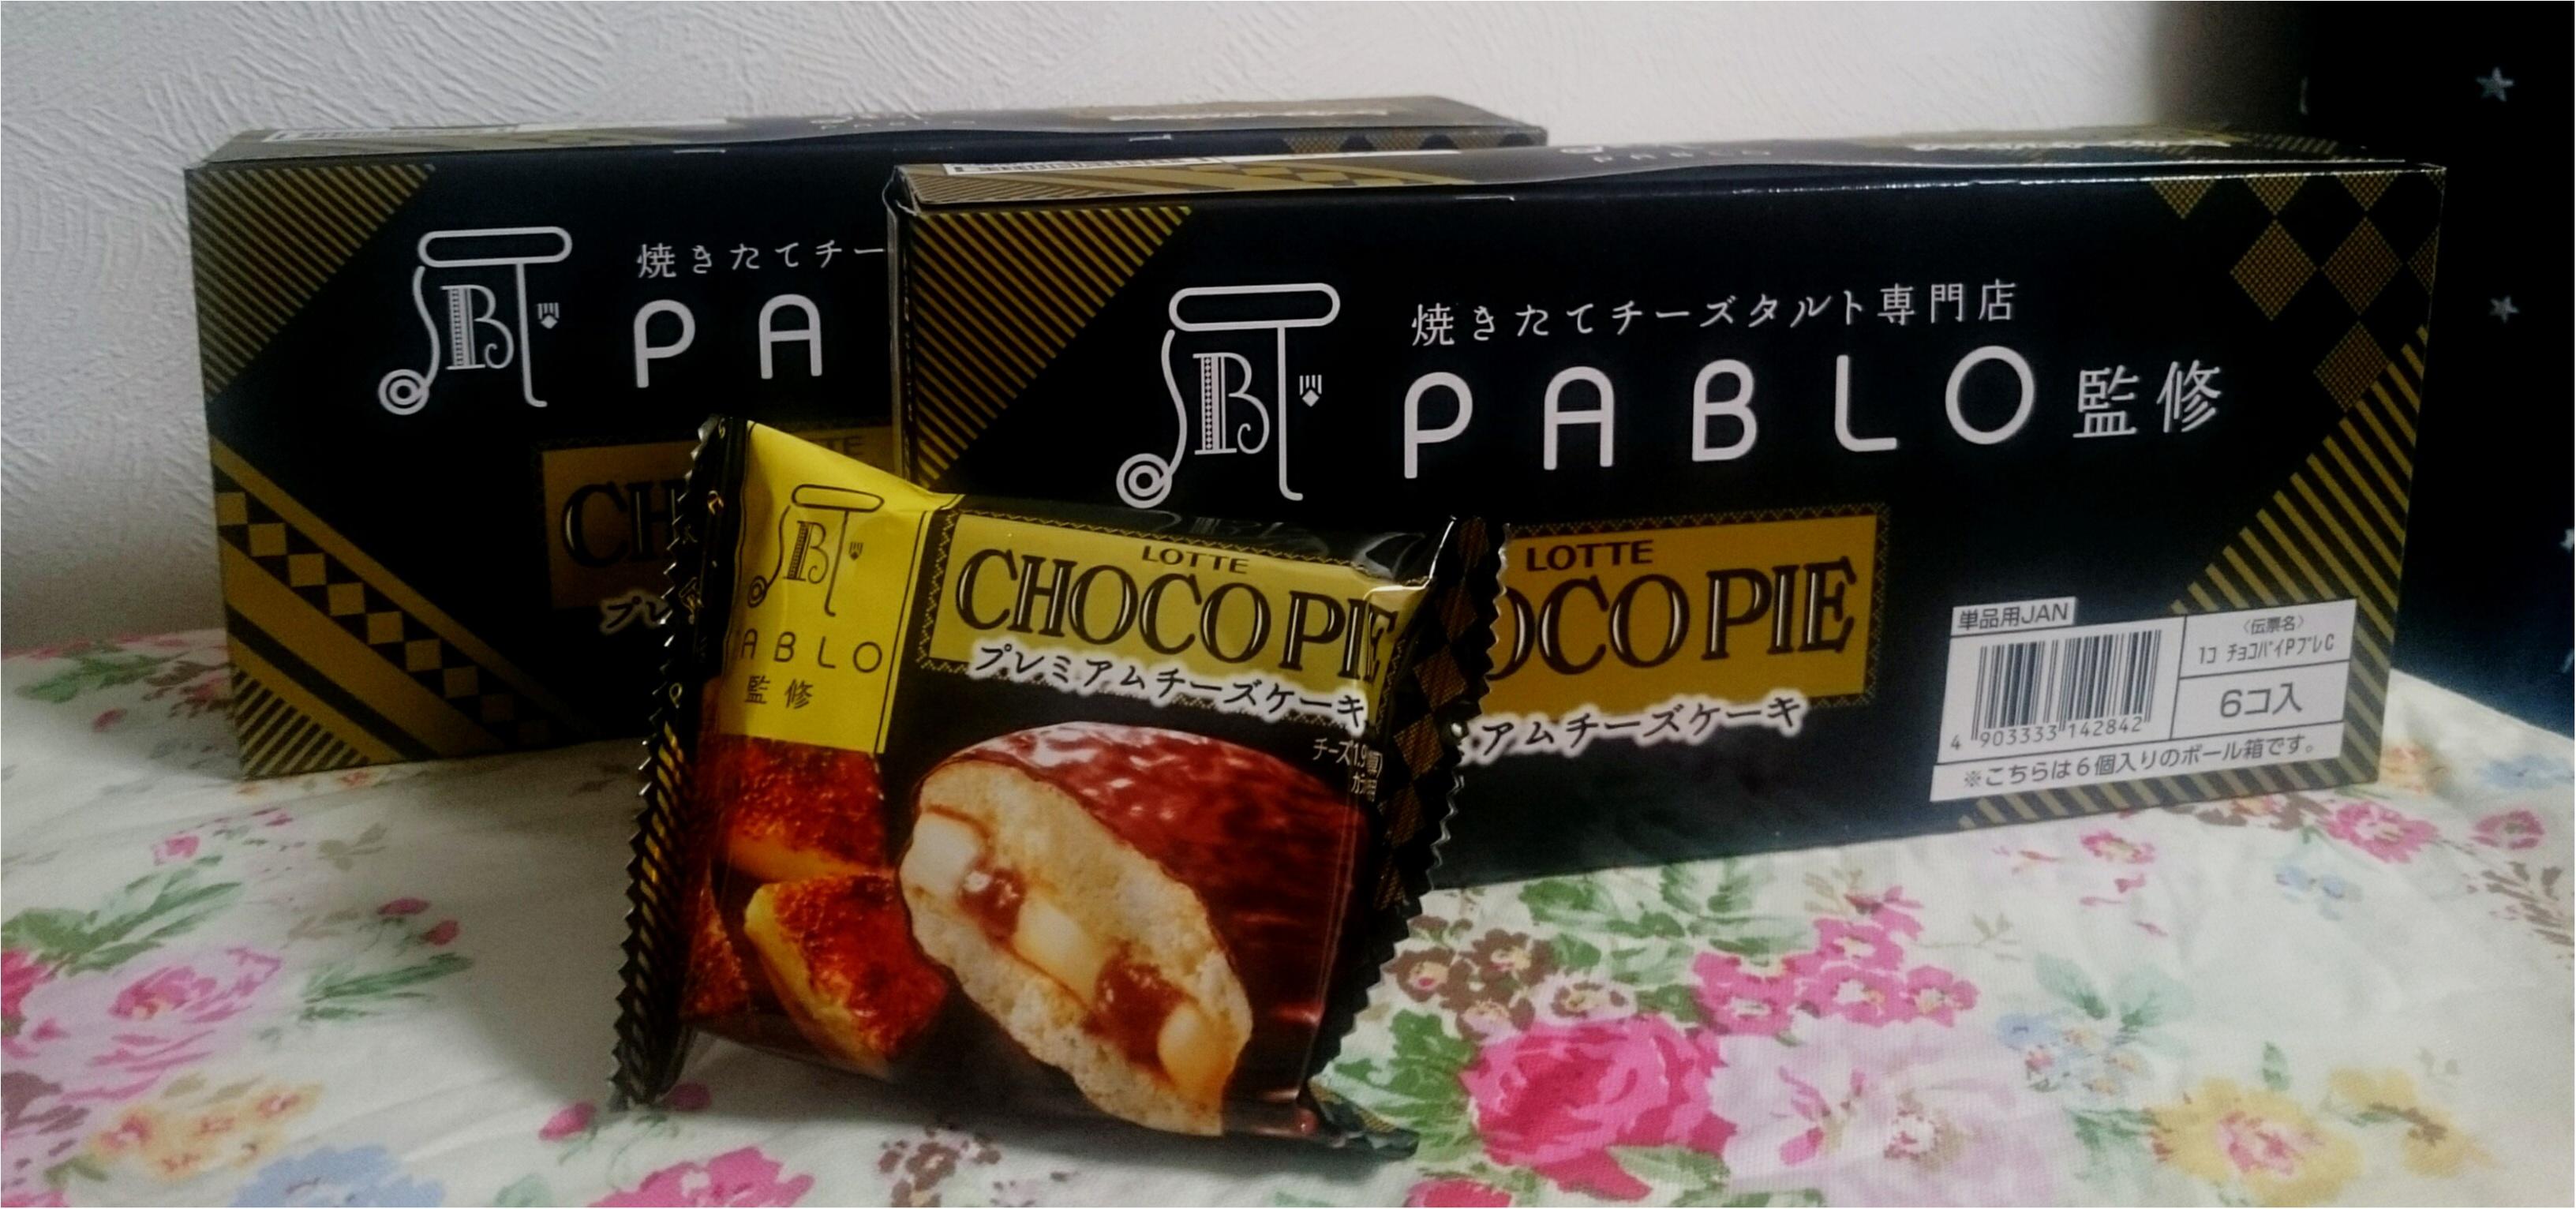 ロッテ×PABLO チョコパイの大量買い_3